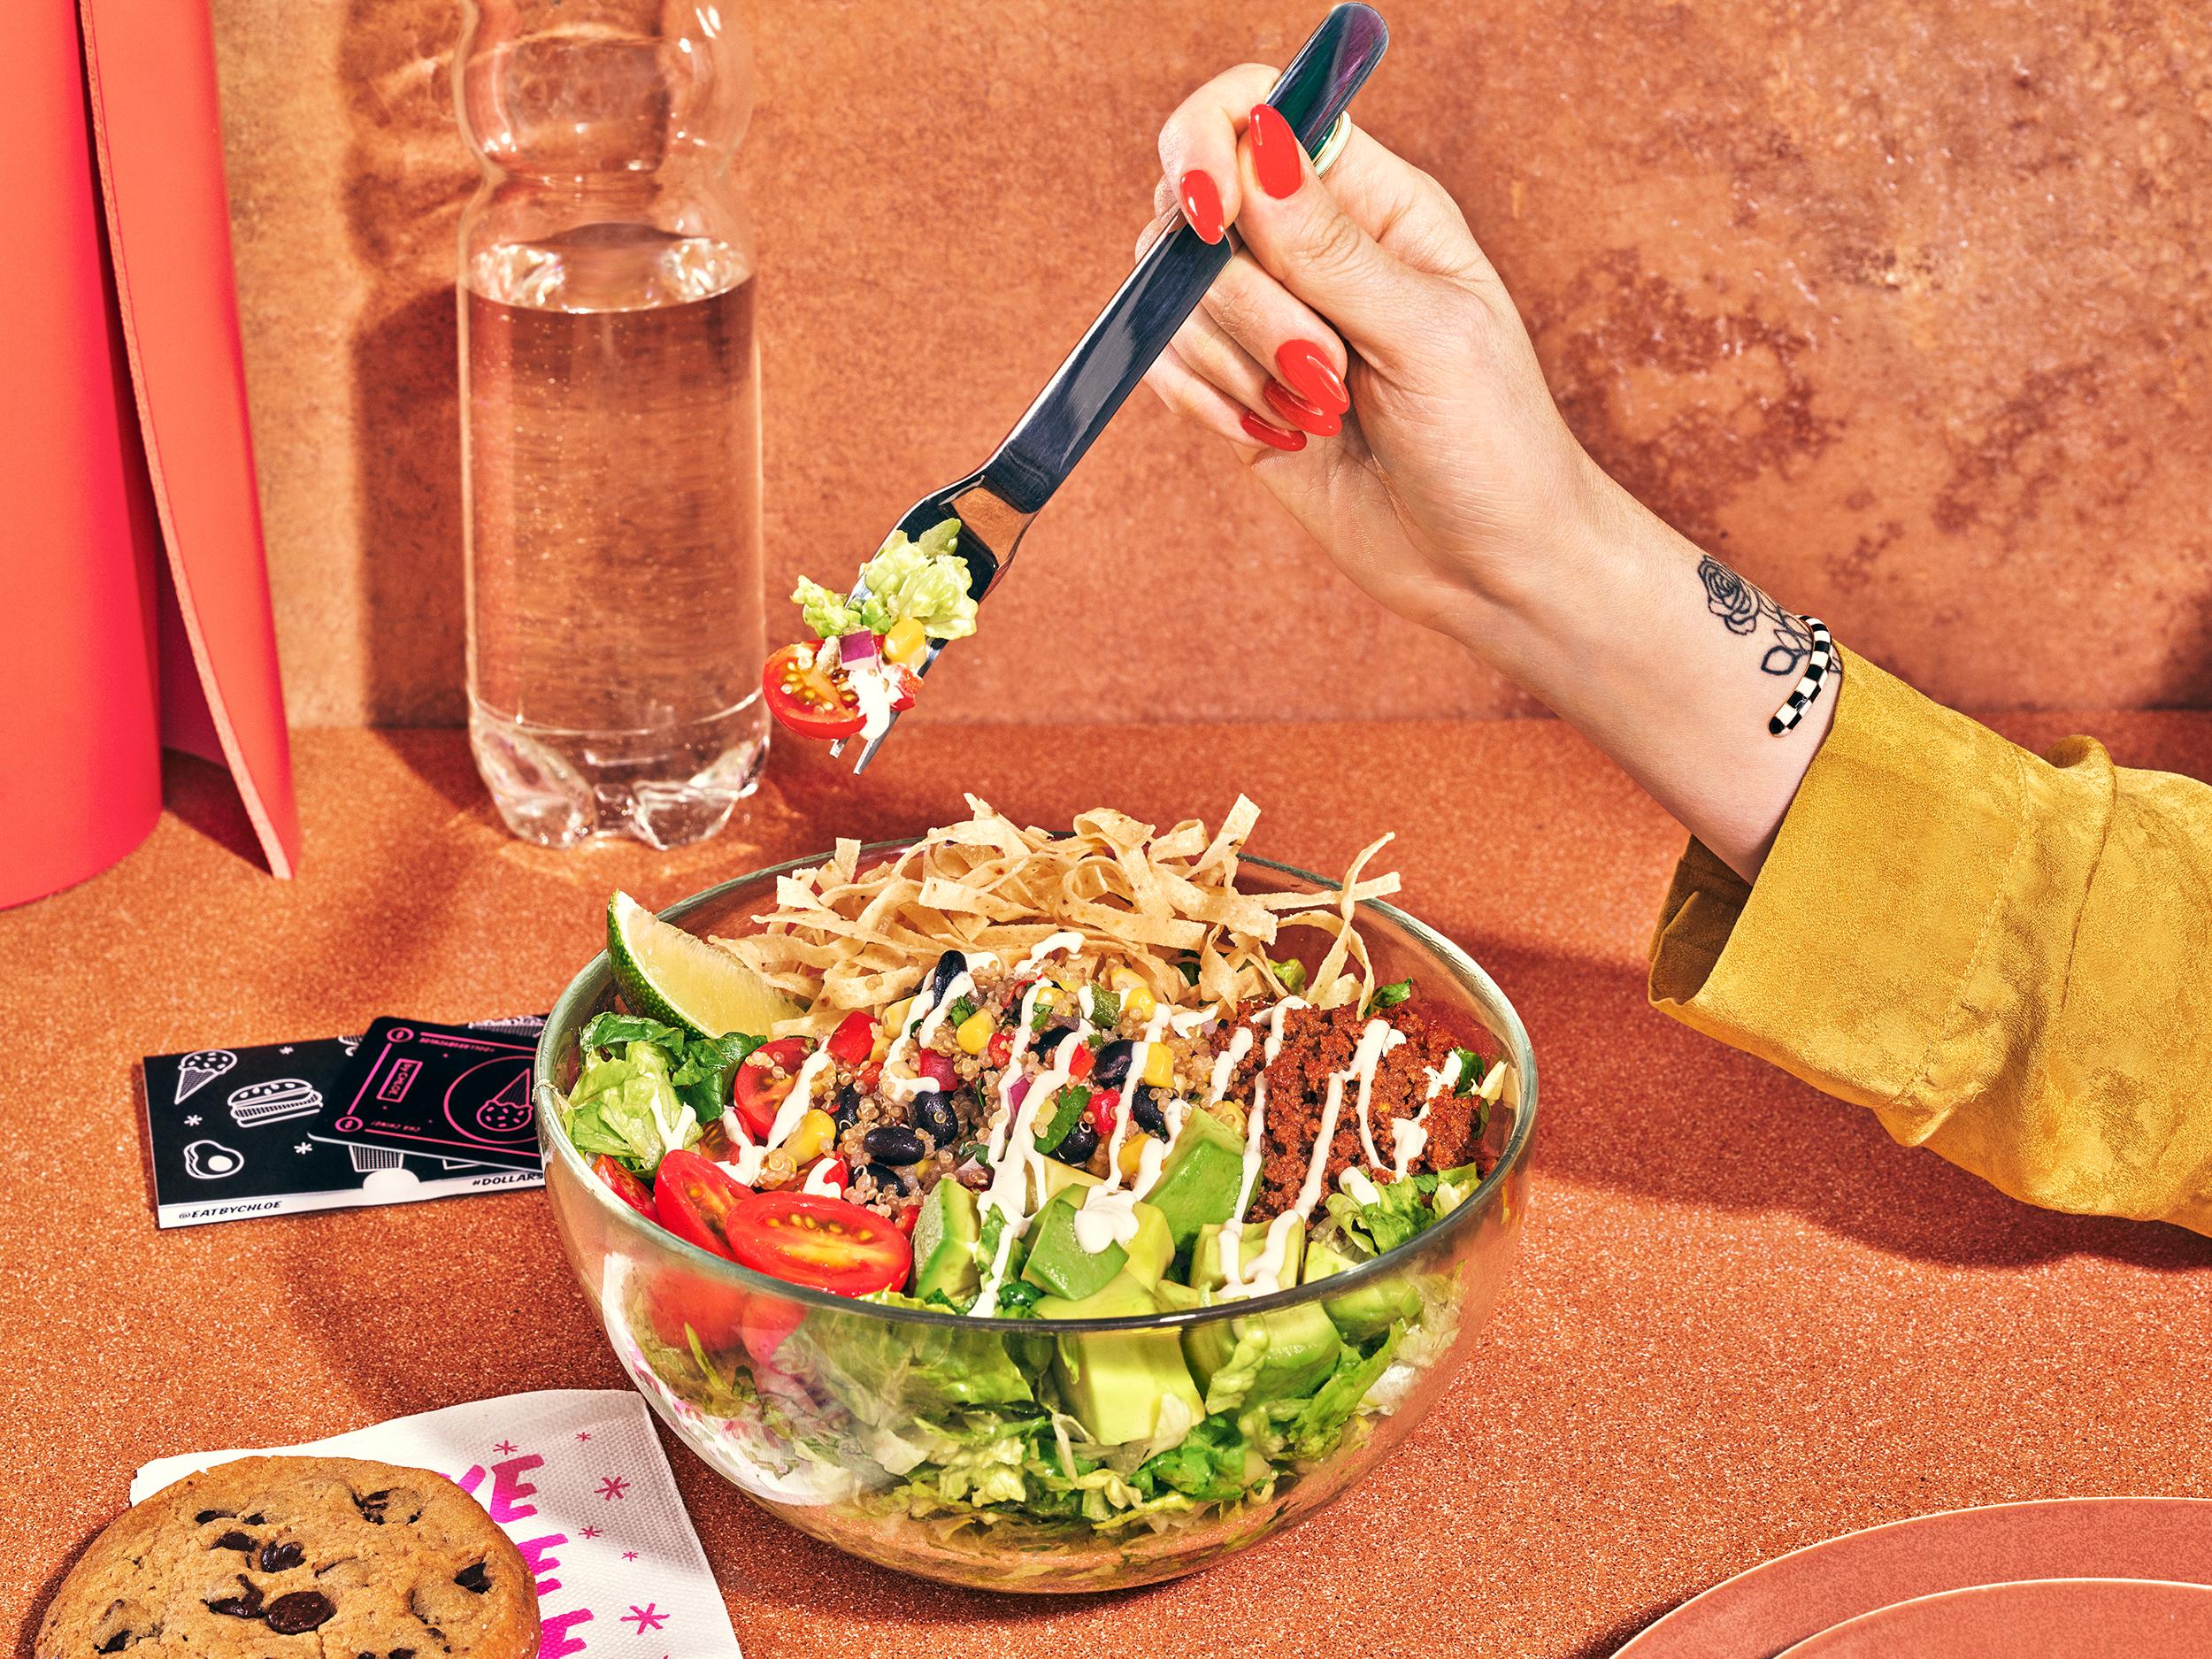 Quinoa_Taco_Salad_Hands_0212main_06QA